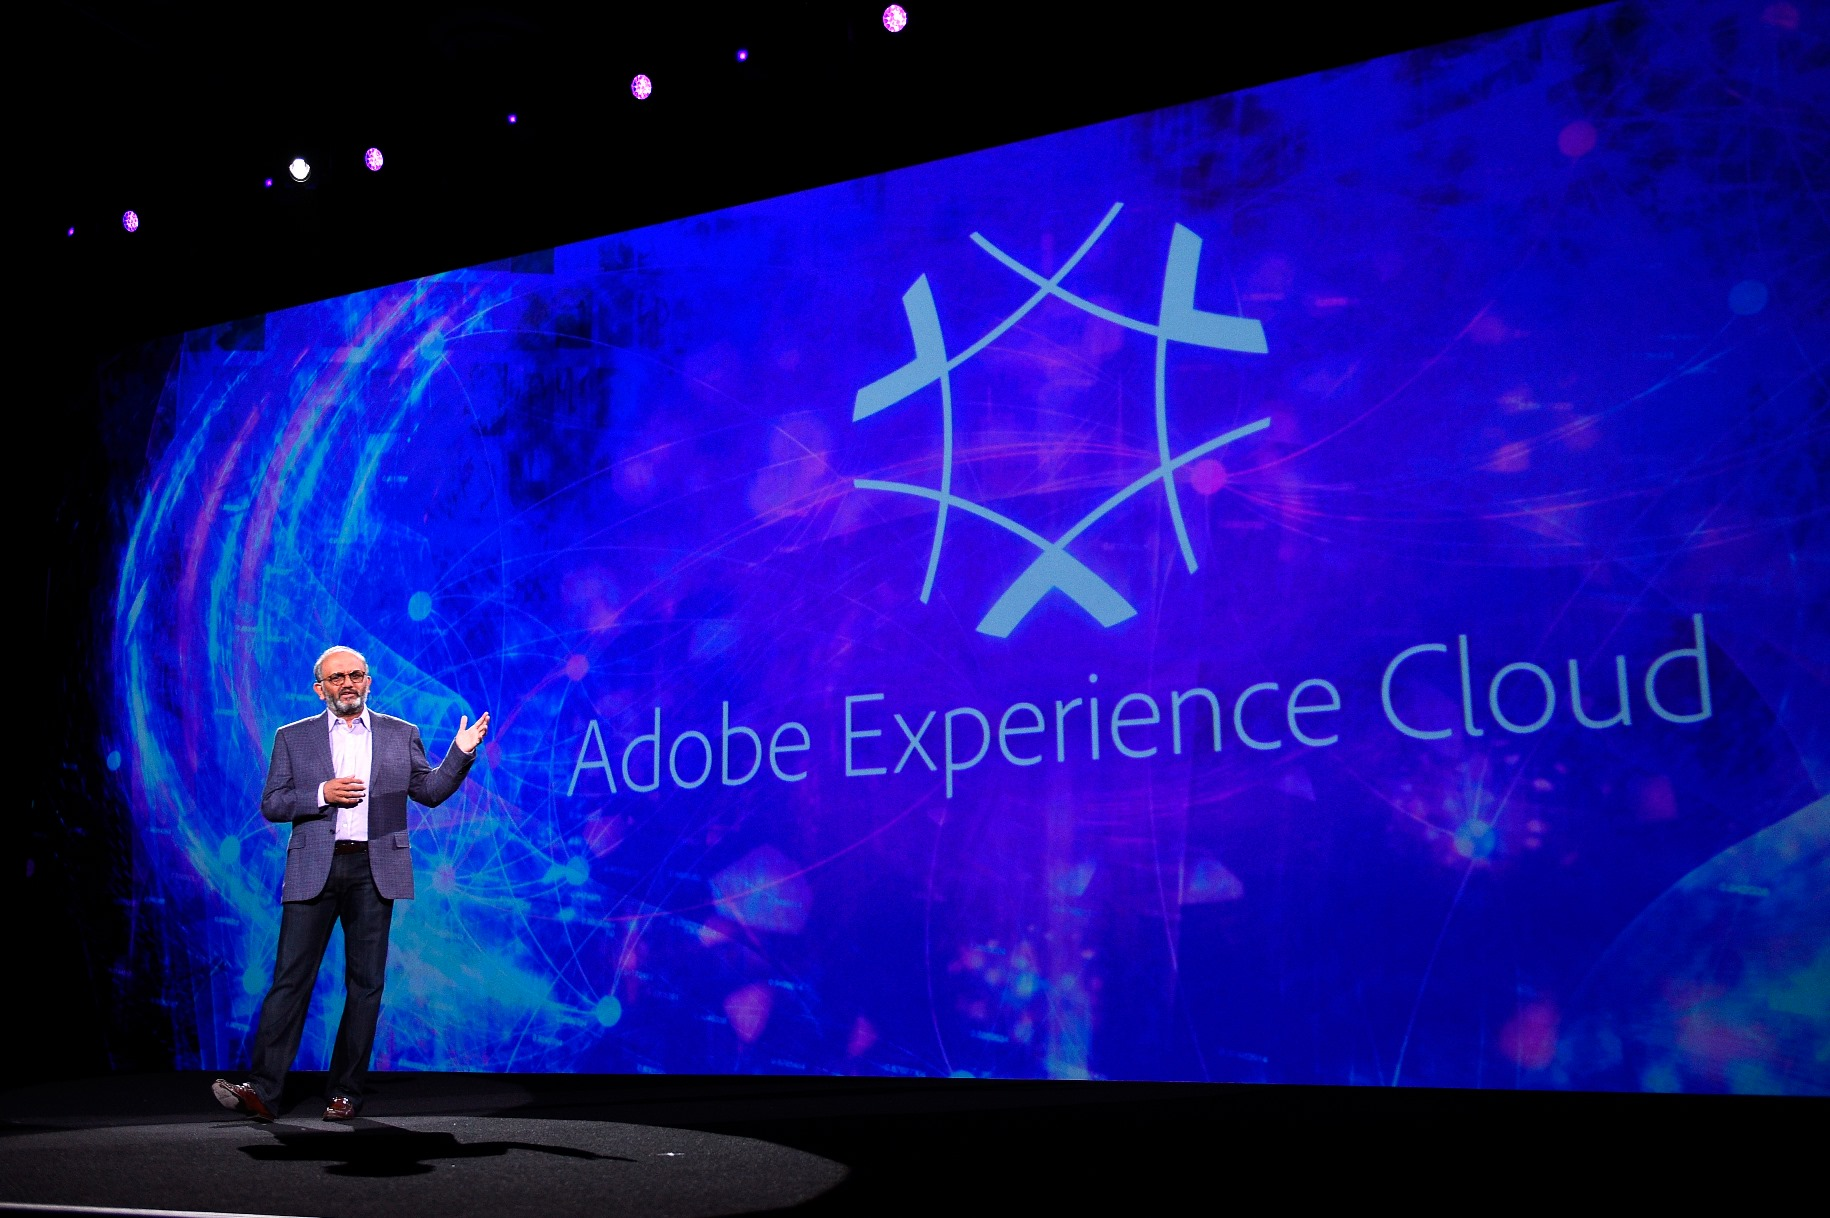 adobesummit2017 006 อะโดบีปฏิวัติการสร้างสรรค์ประสบการณ์ลูกค้าที่งาน Adobe Summit 2017